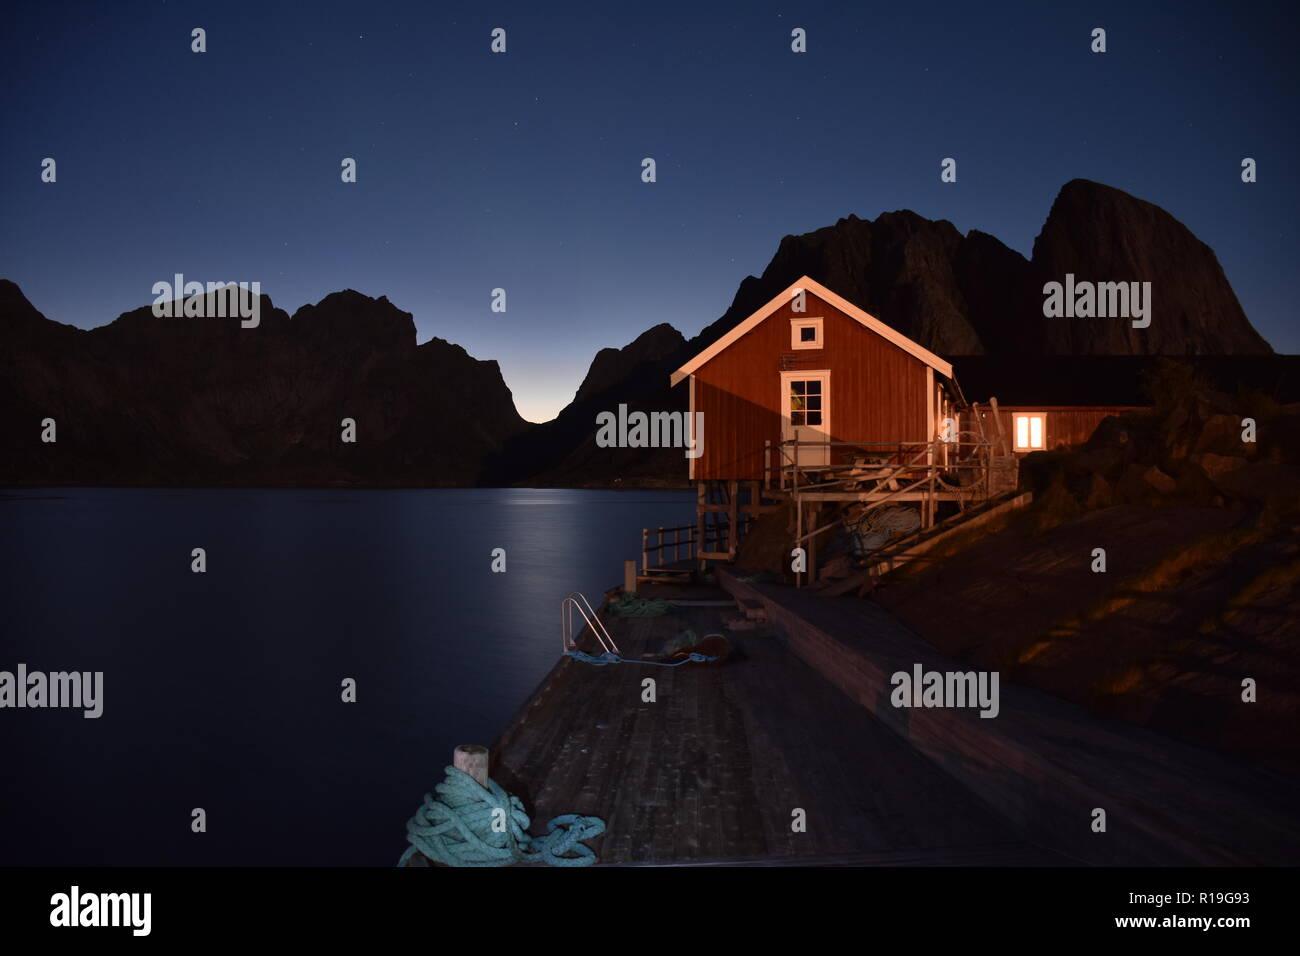 Nordlicht, Polarlicht, Aurora, Aurora Borealis, Norwegen, Reine, Moskenes, Lofoten, Abend, Abendstimmung, Reinefjorden, Fjord, Nacht, Silhouette - Stock Image